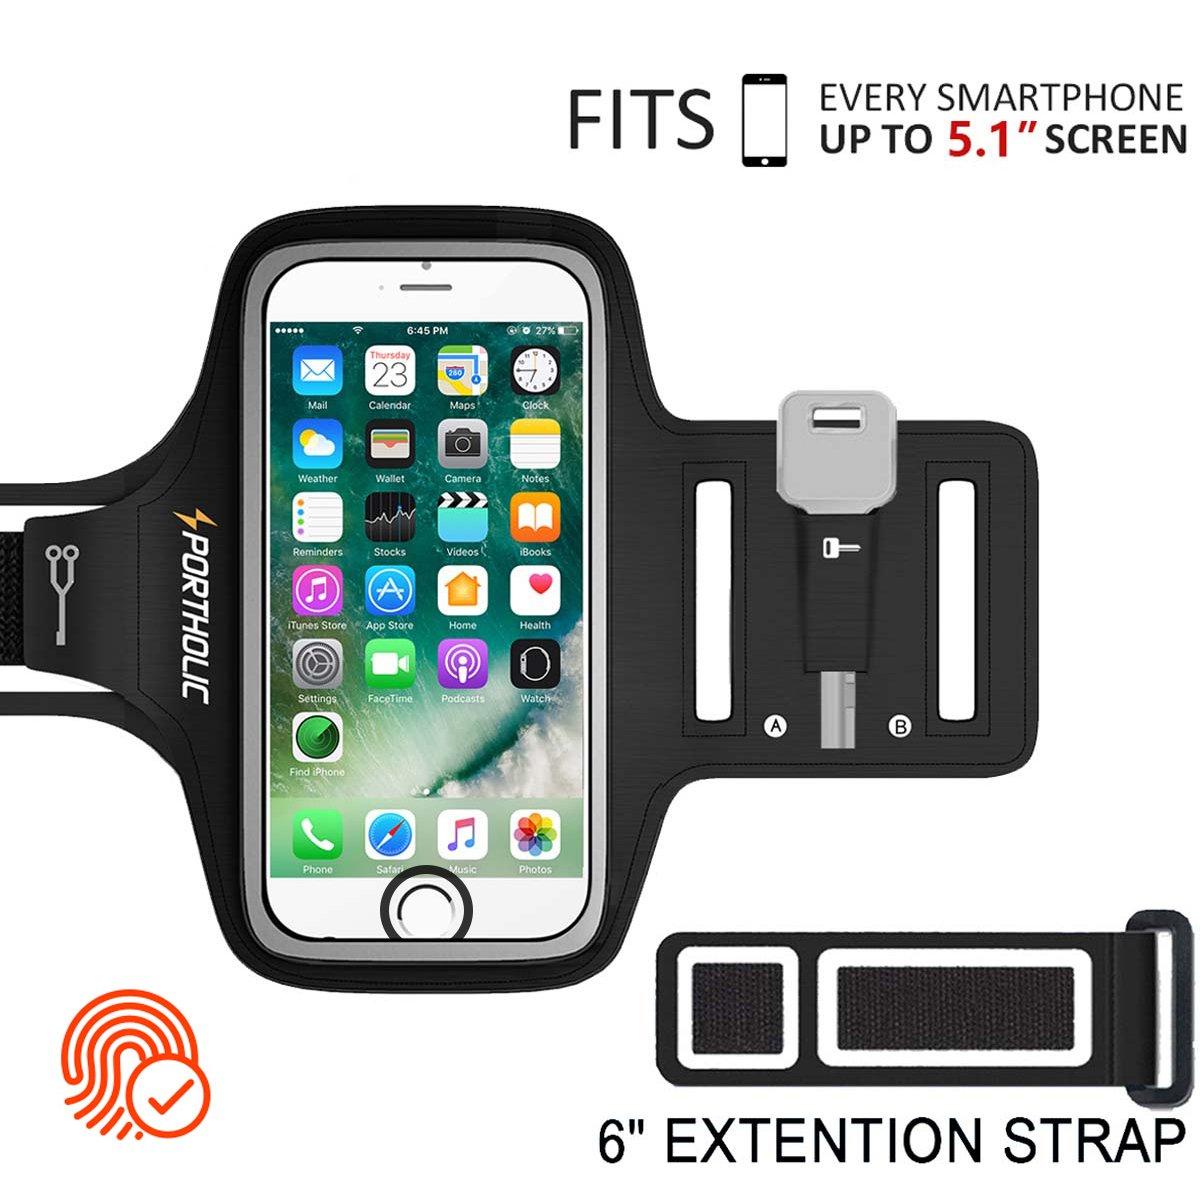 PORTHOLIC® Brazalete deportivo Para Deportes Más Correa De Extensión Con soporte para llaves, cables y tarjetas para iPhone 8/7/6,Galaxy S9/S8 Huawei, ...